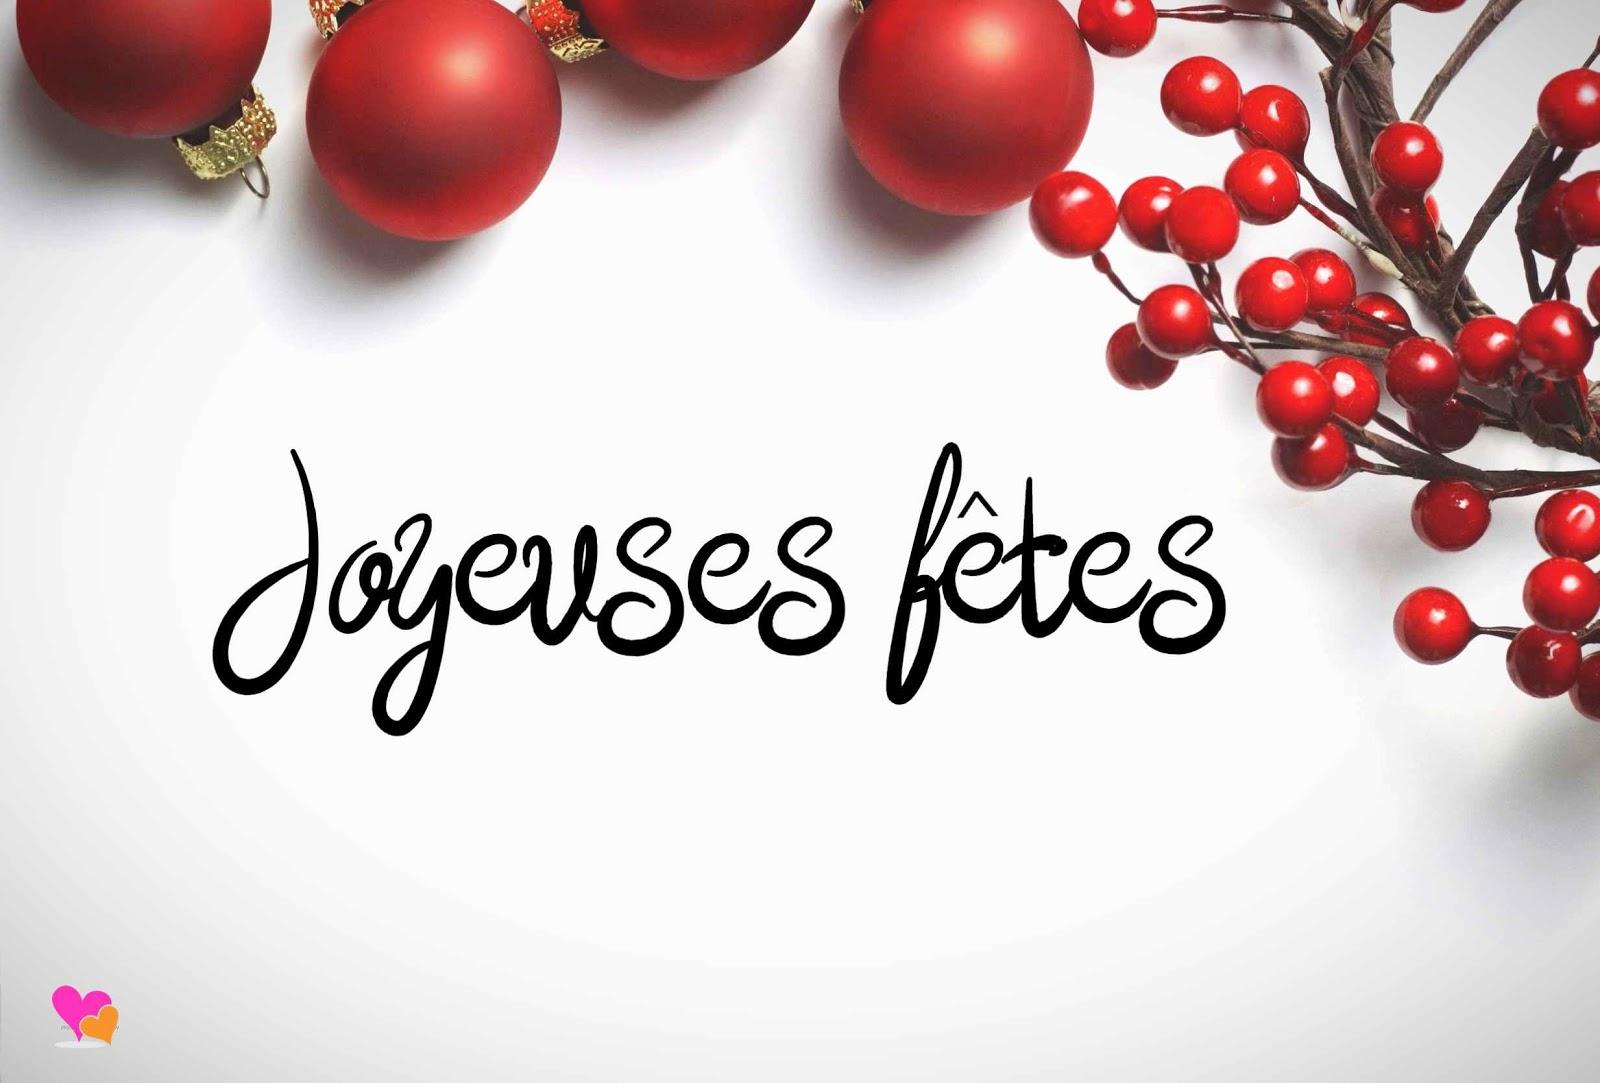 Joyeux Noël : Images & Cartes De Vœux Adorables | Poésie D'amour avec Poeme Voeux Nouvel An